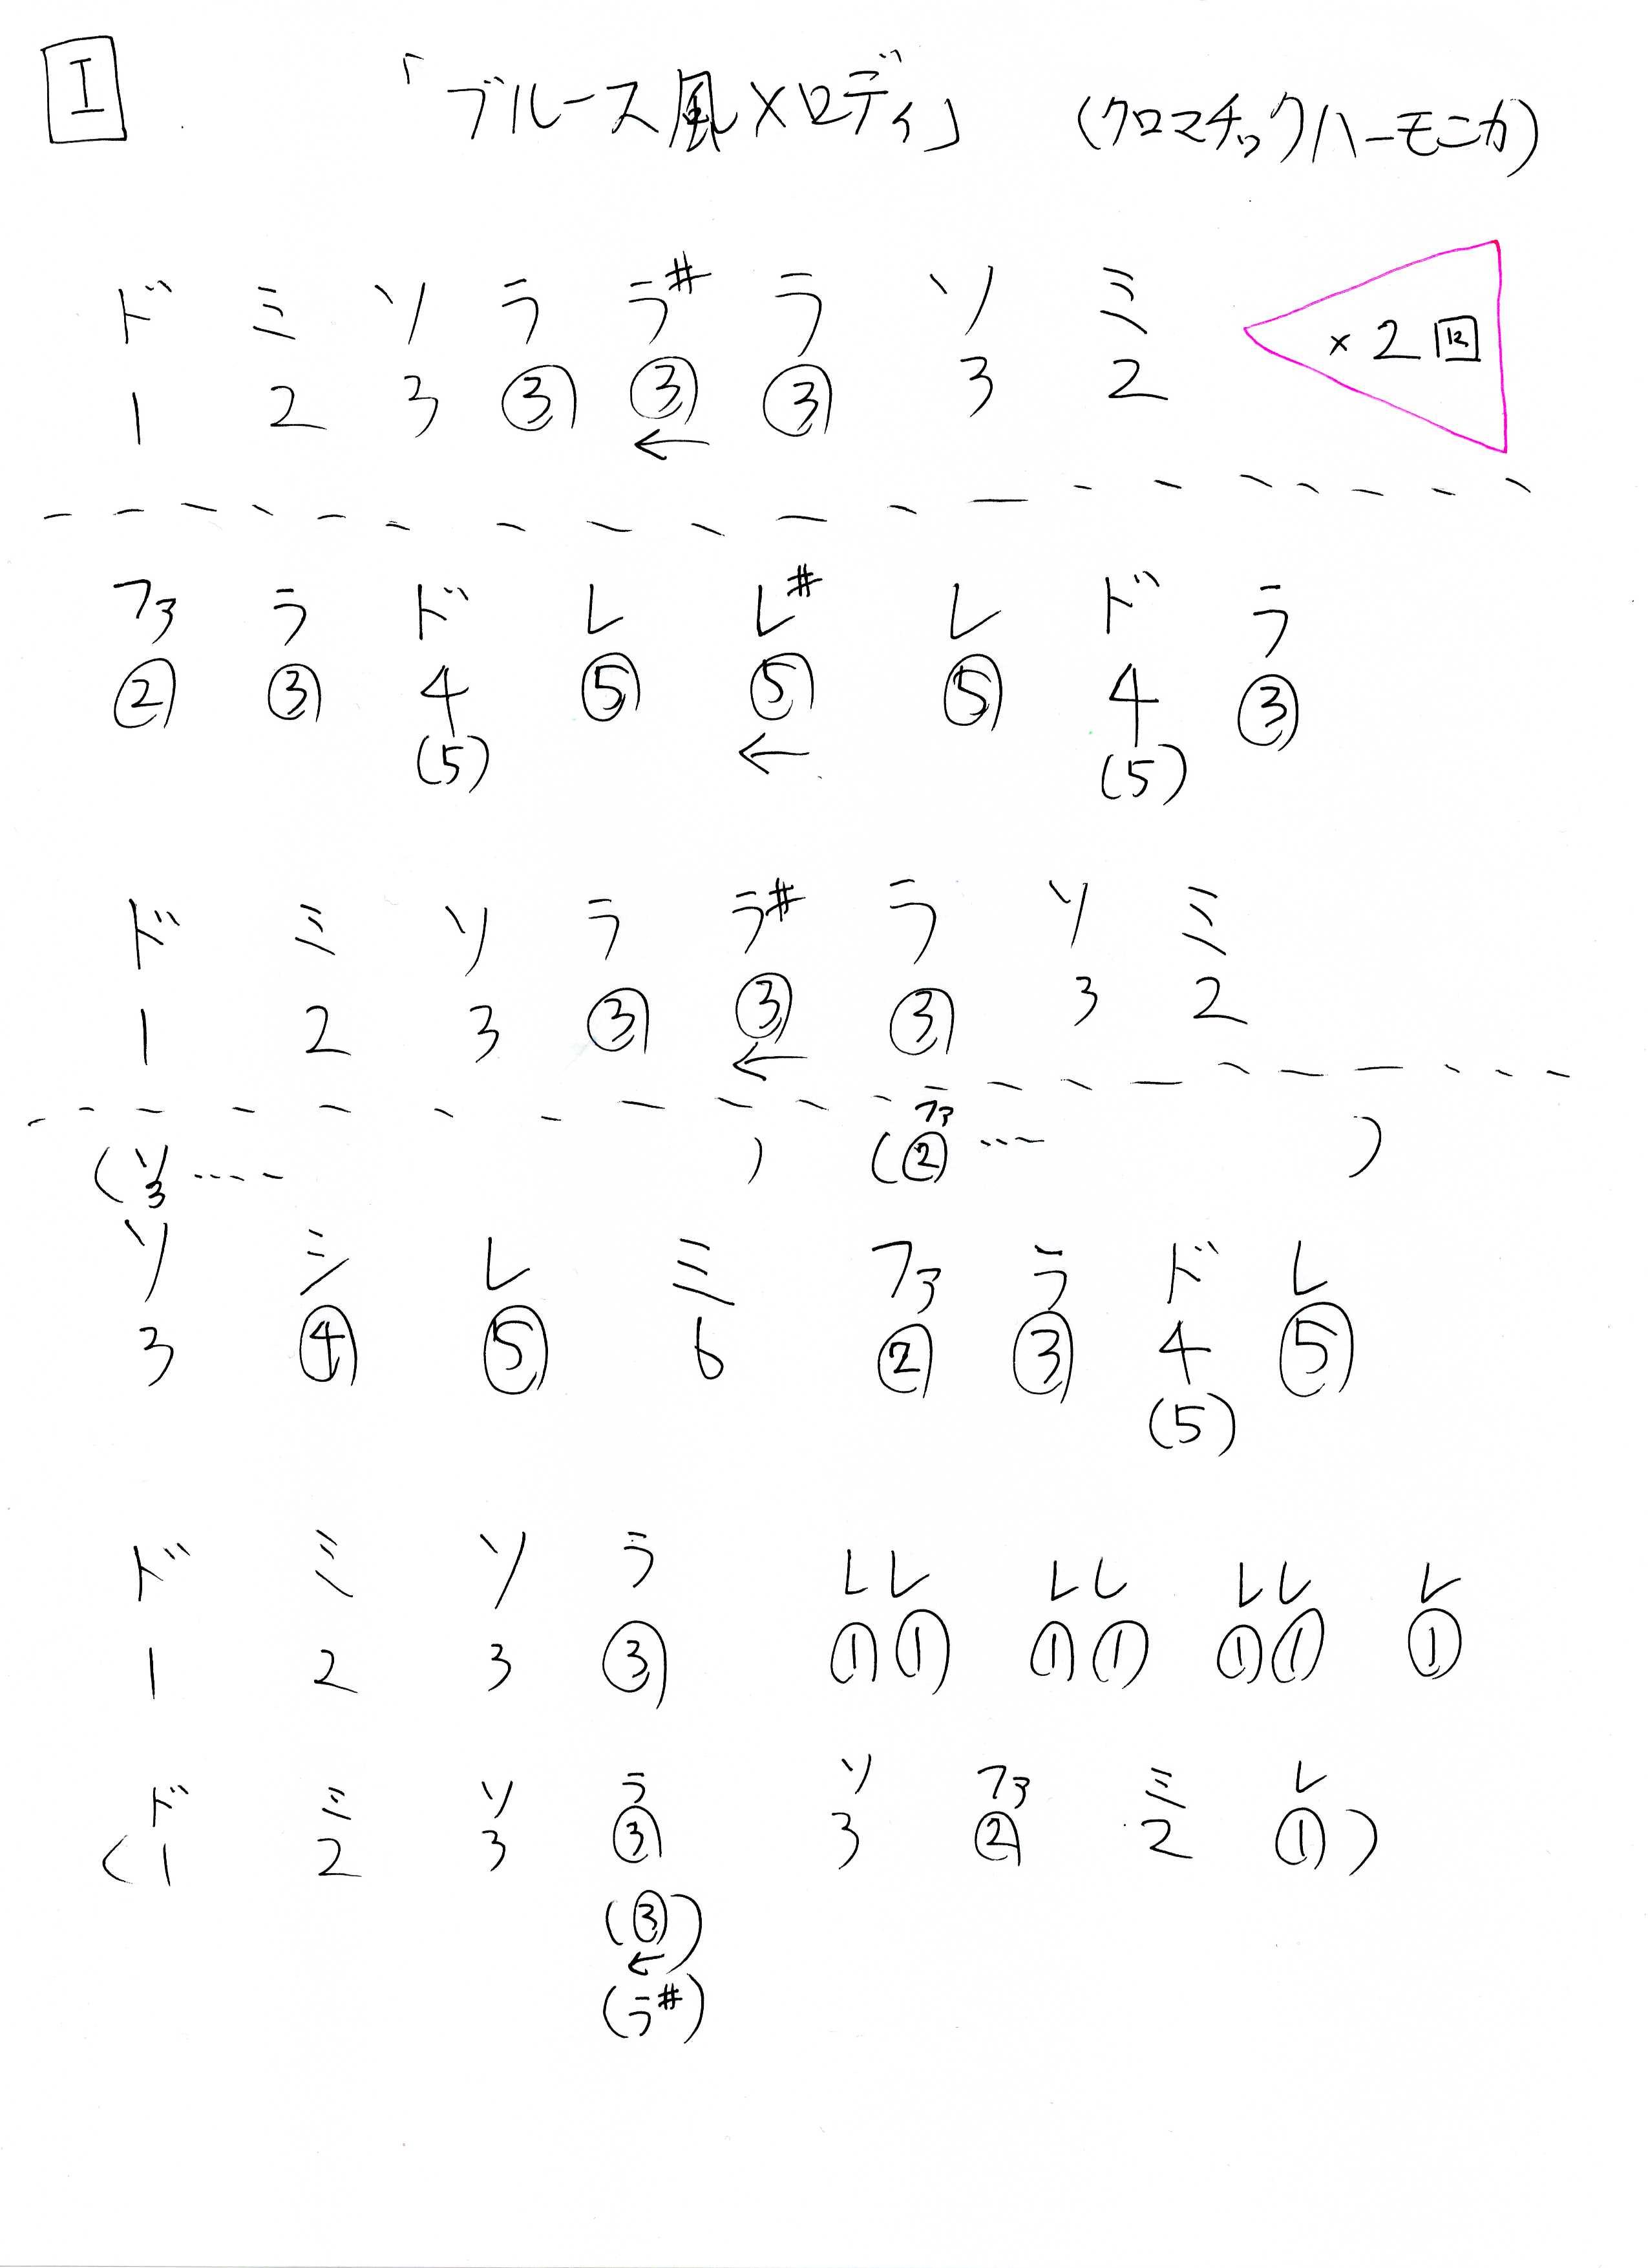 ハーモニカでブルース風なメロディ 2パターン ☆超手書きドレミ楽譜☆(クロマチックハーモニカ&10穴・ブルースハープ)